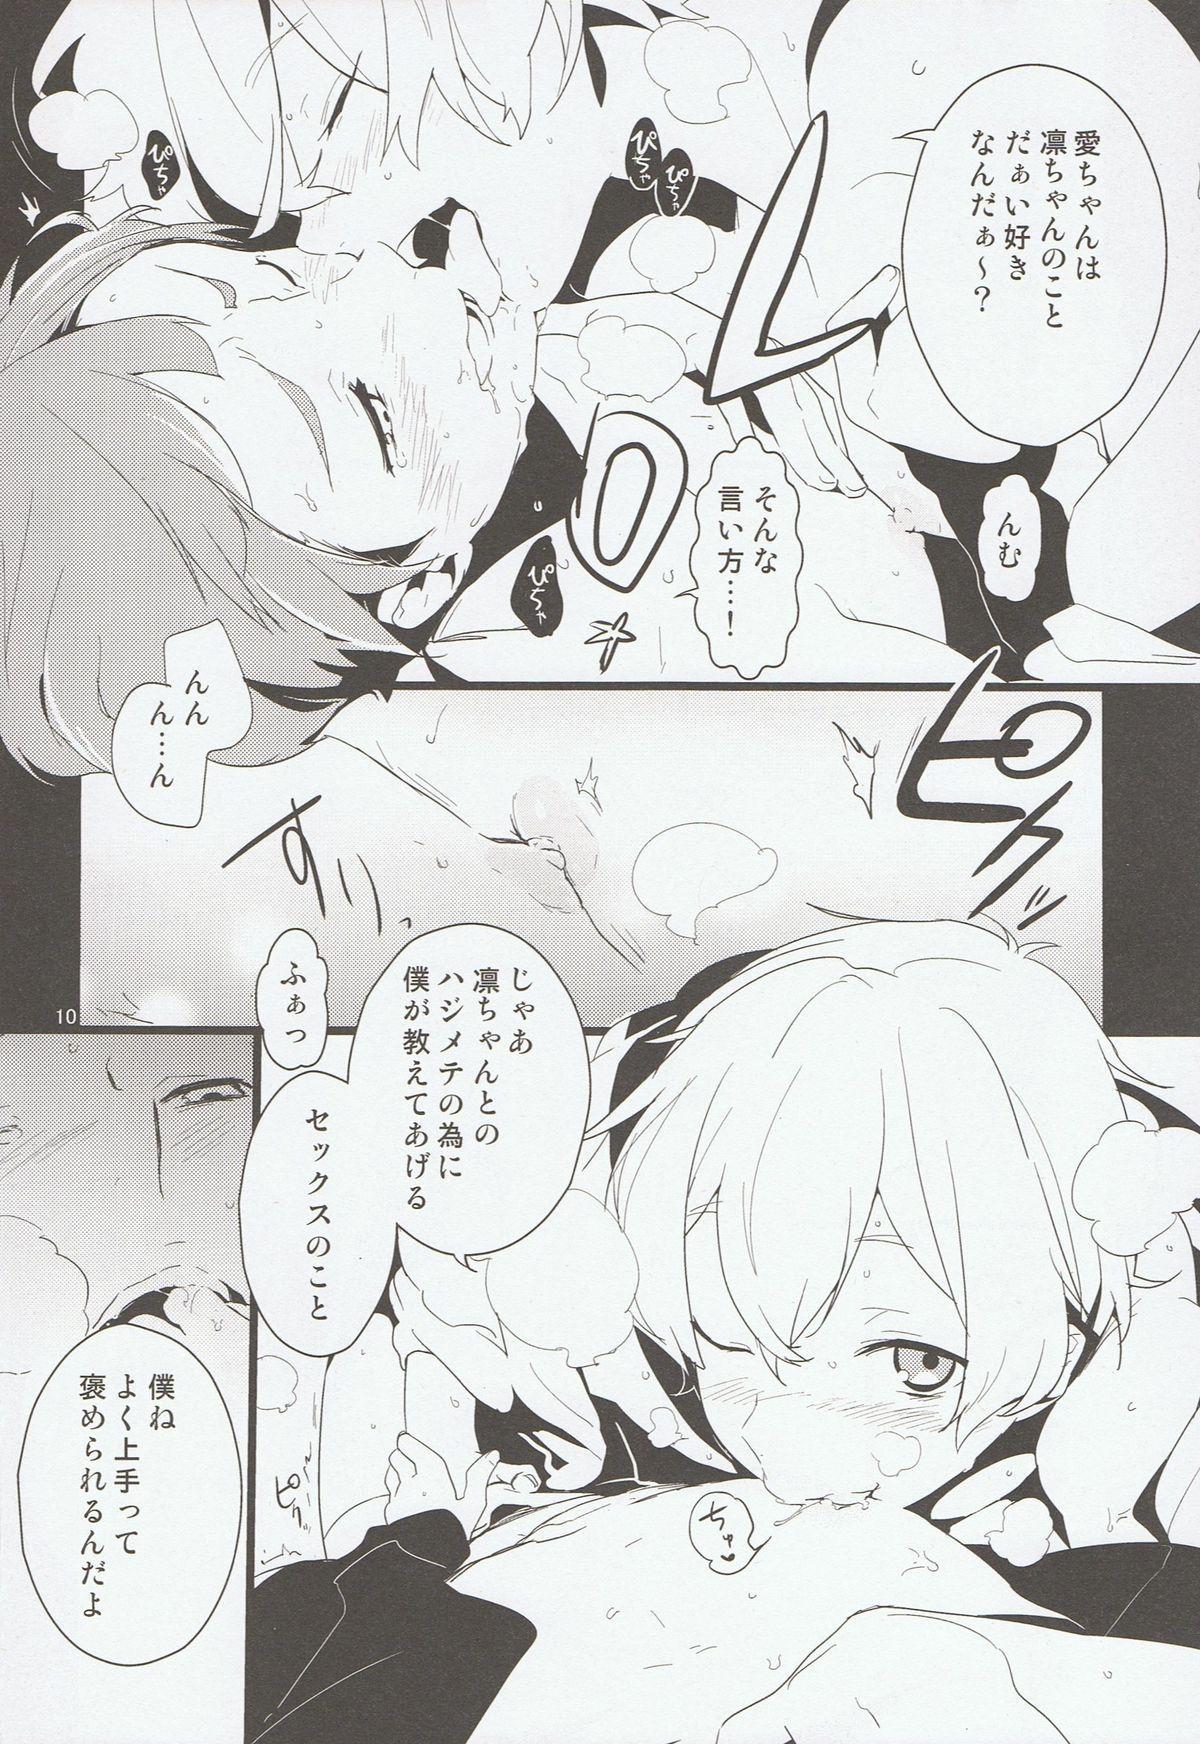 (C86) [MERYx3 (Numeri)] Nagisa-kun to Nitori-kun wo Muriyari Karamaseta Hon (Free!) 8